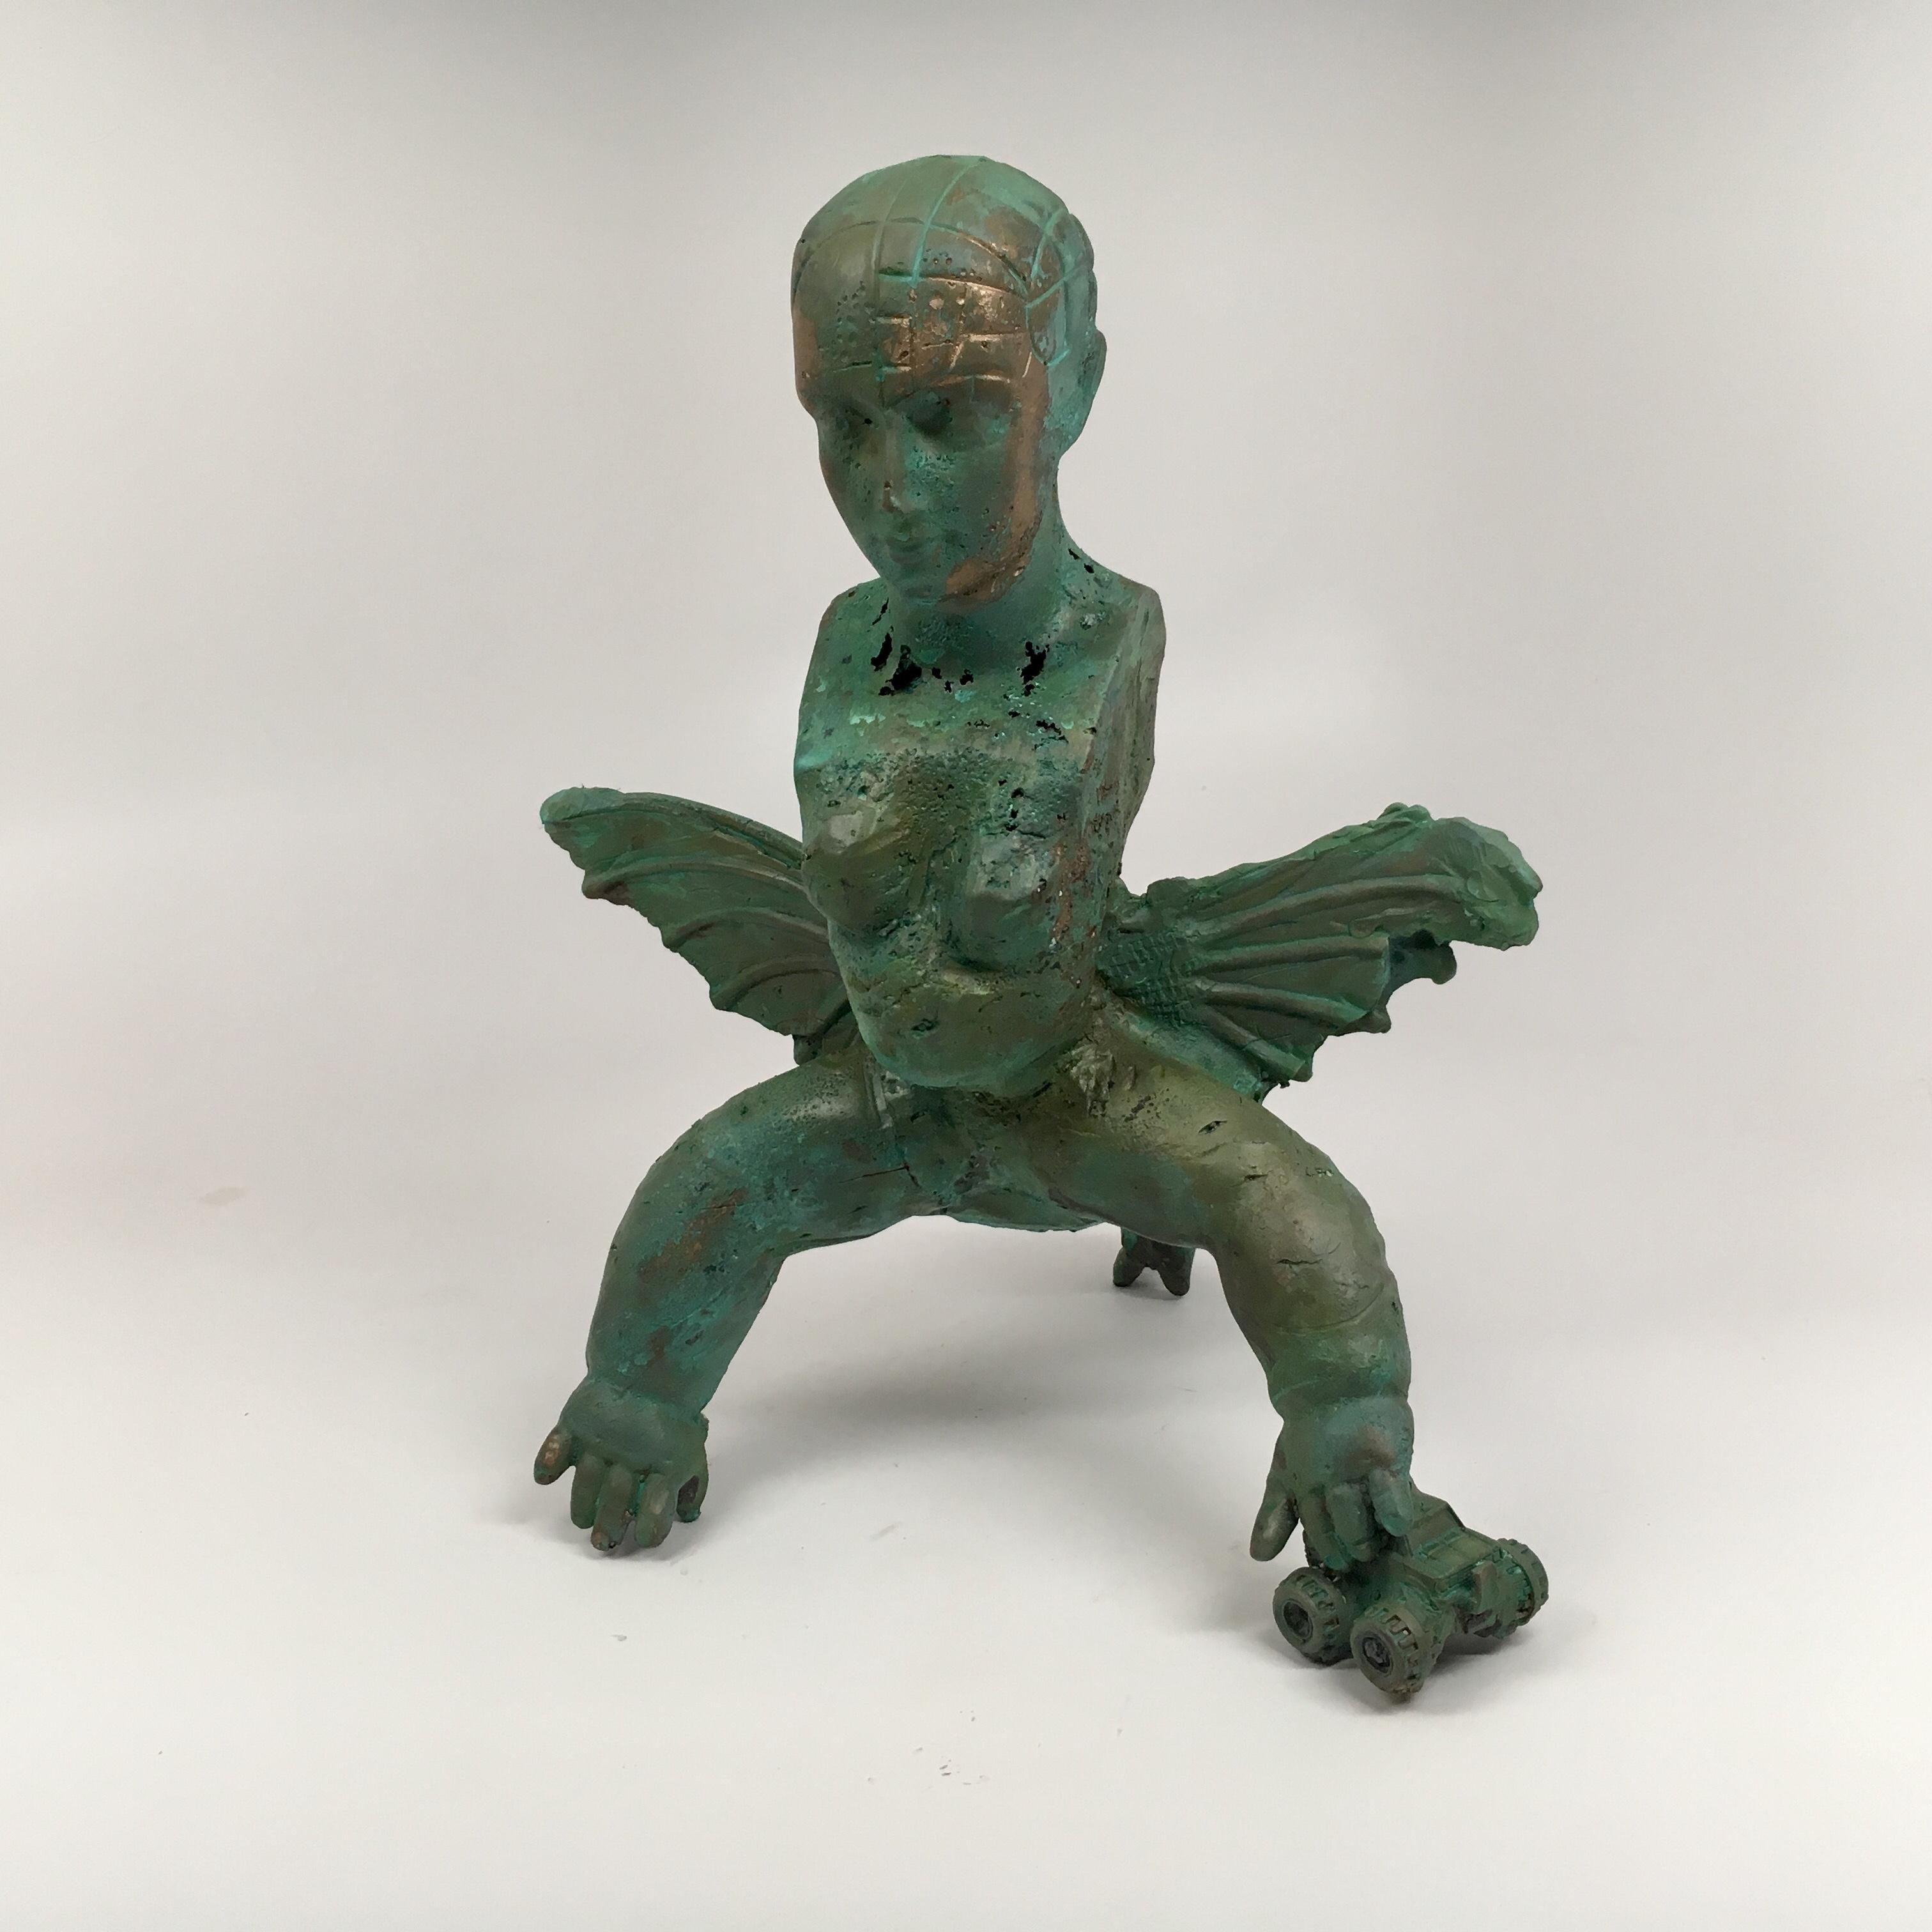 Modern Bronze Relic Sculpture of figure with 3 legs: 'Rhoman Fertility Goddess'